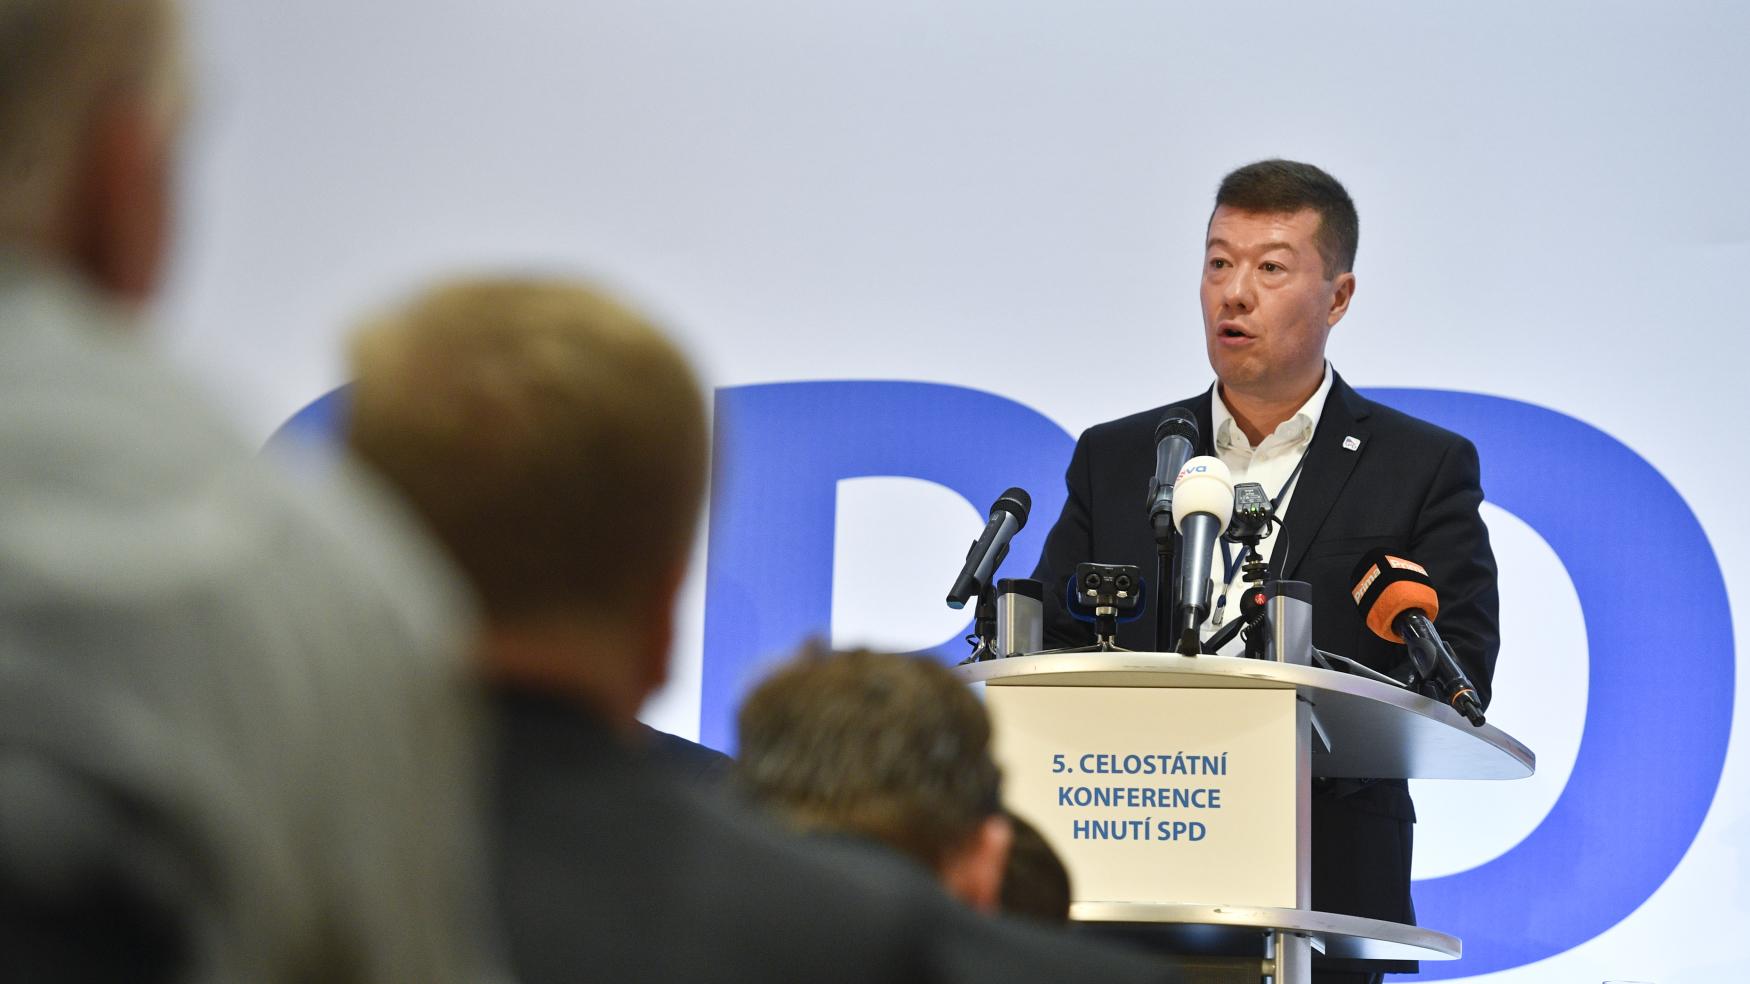 Předseda hnutí Svoboda a přímá demokracie (SPD) Tomio Okamura na celostátní volební konferenci hnutí